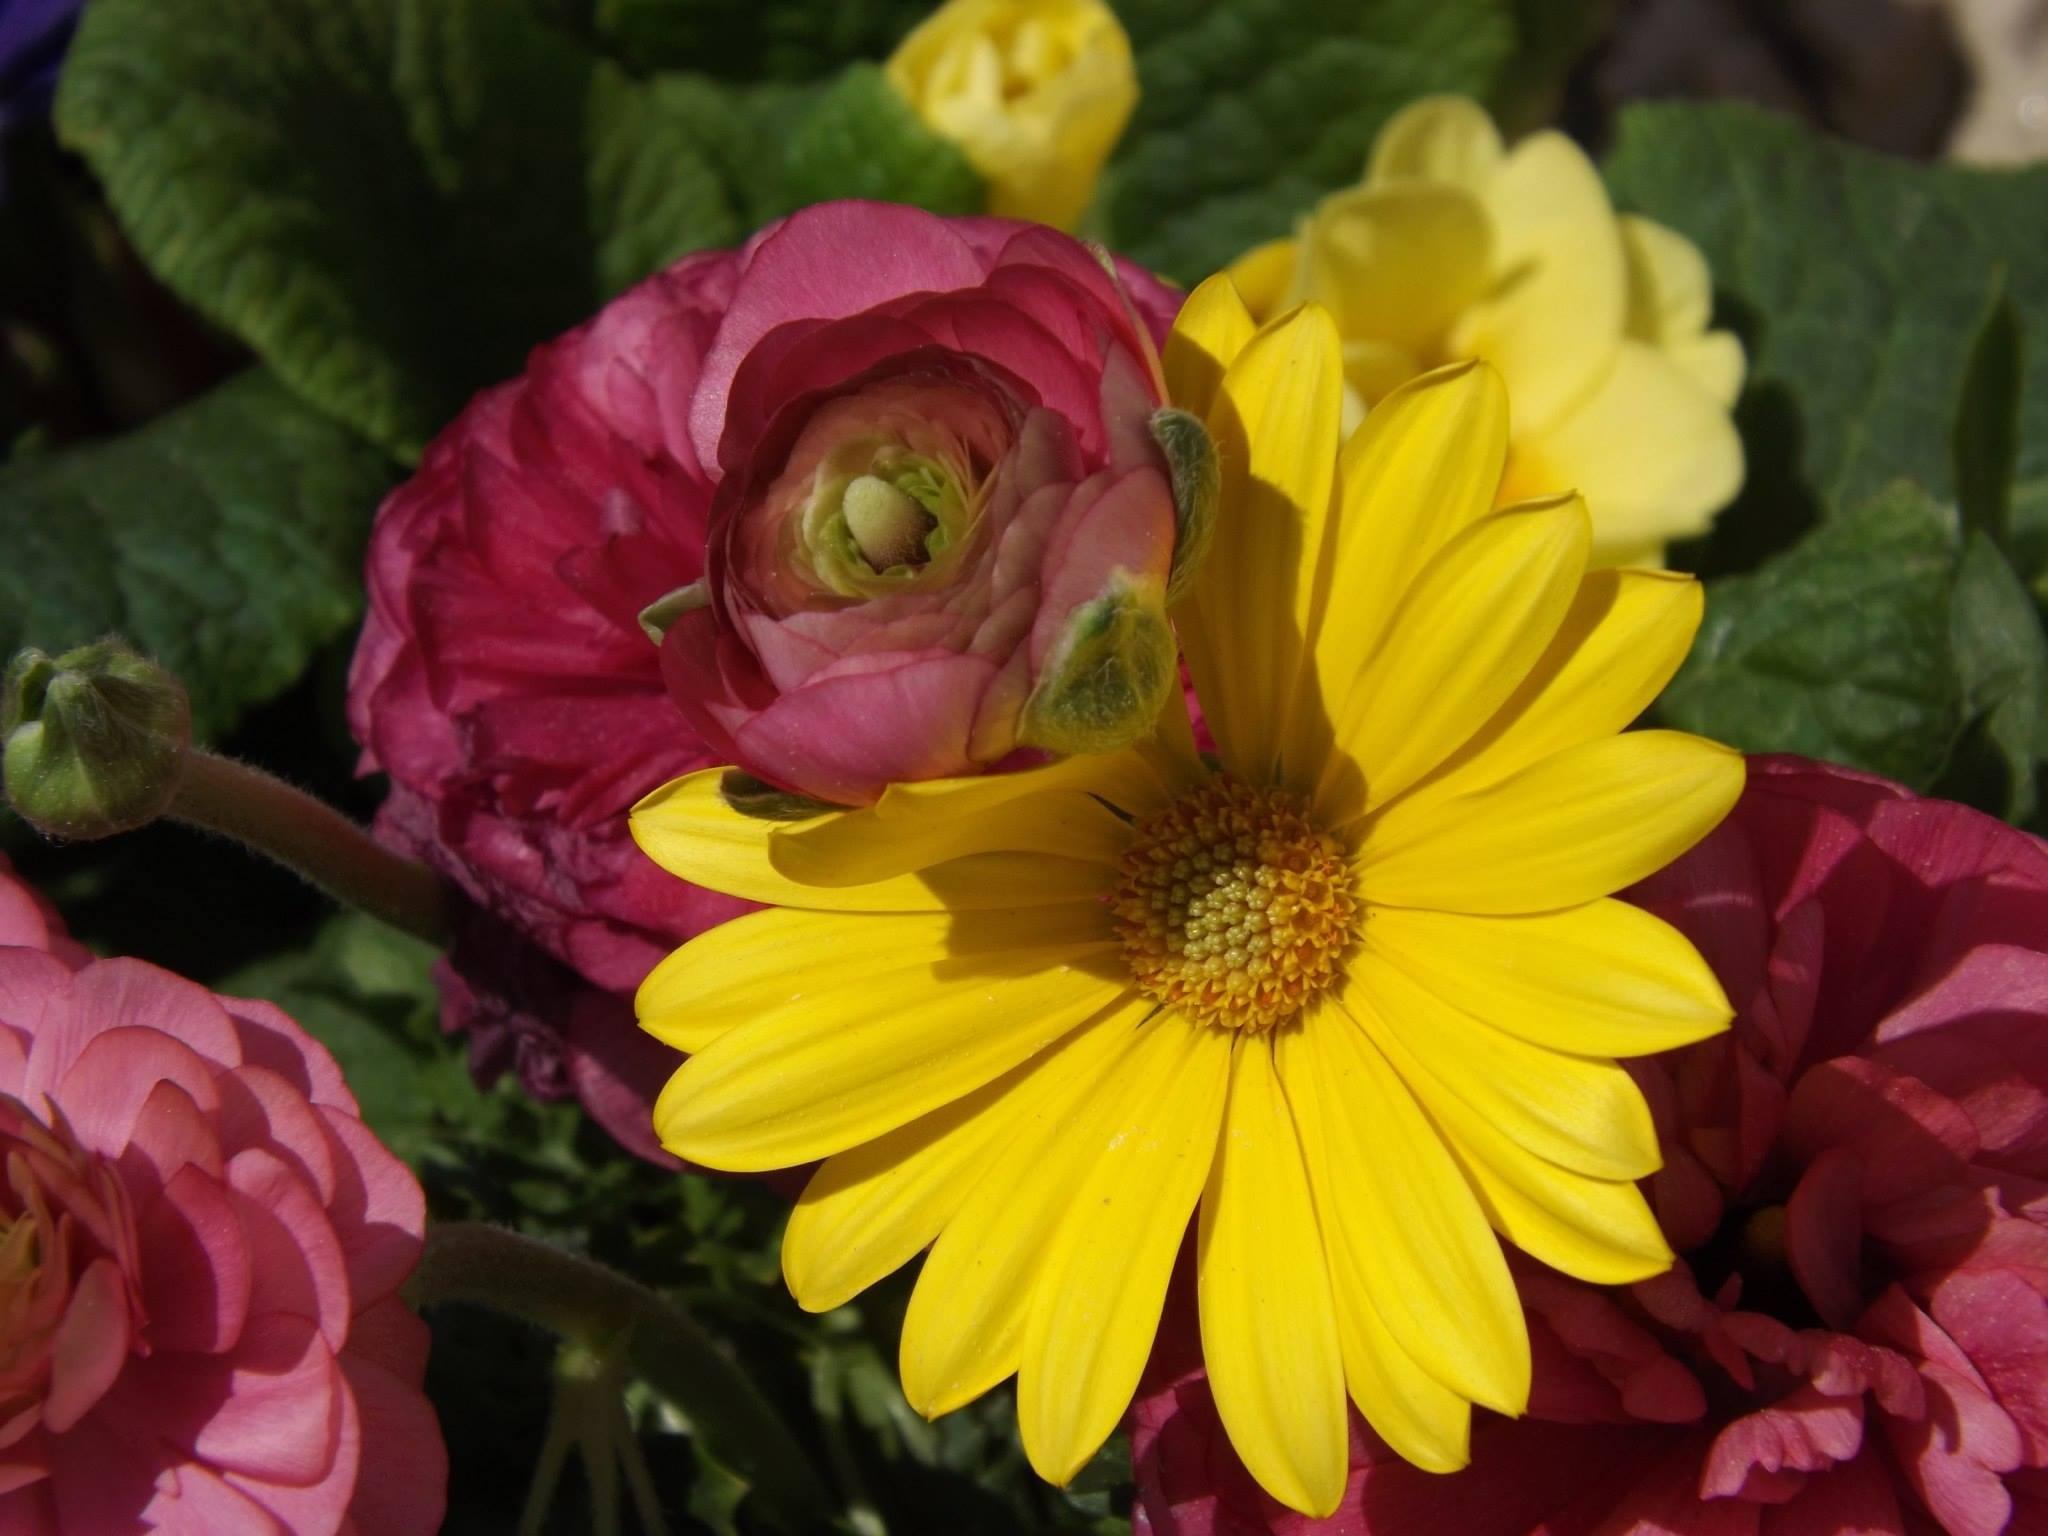 Springtime flowers by KimDonavan